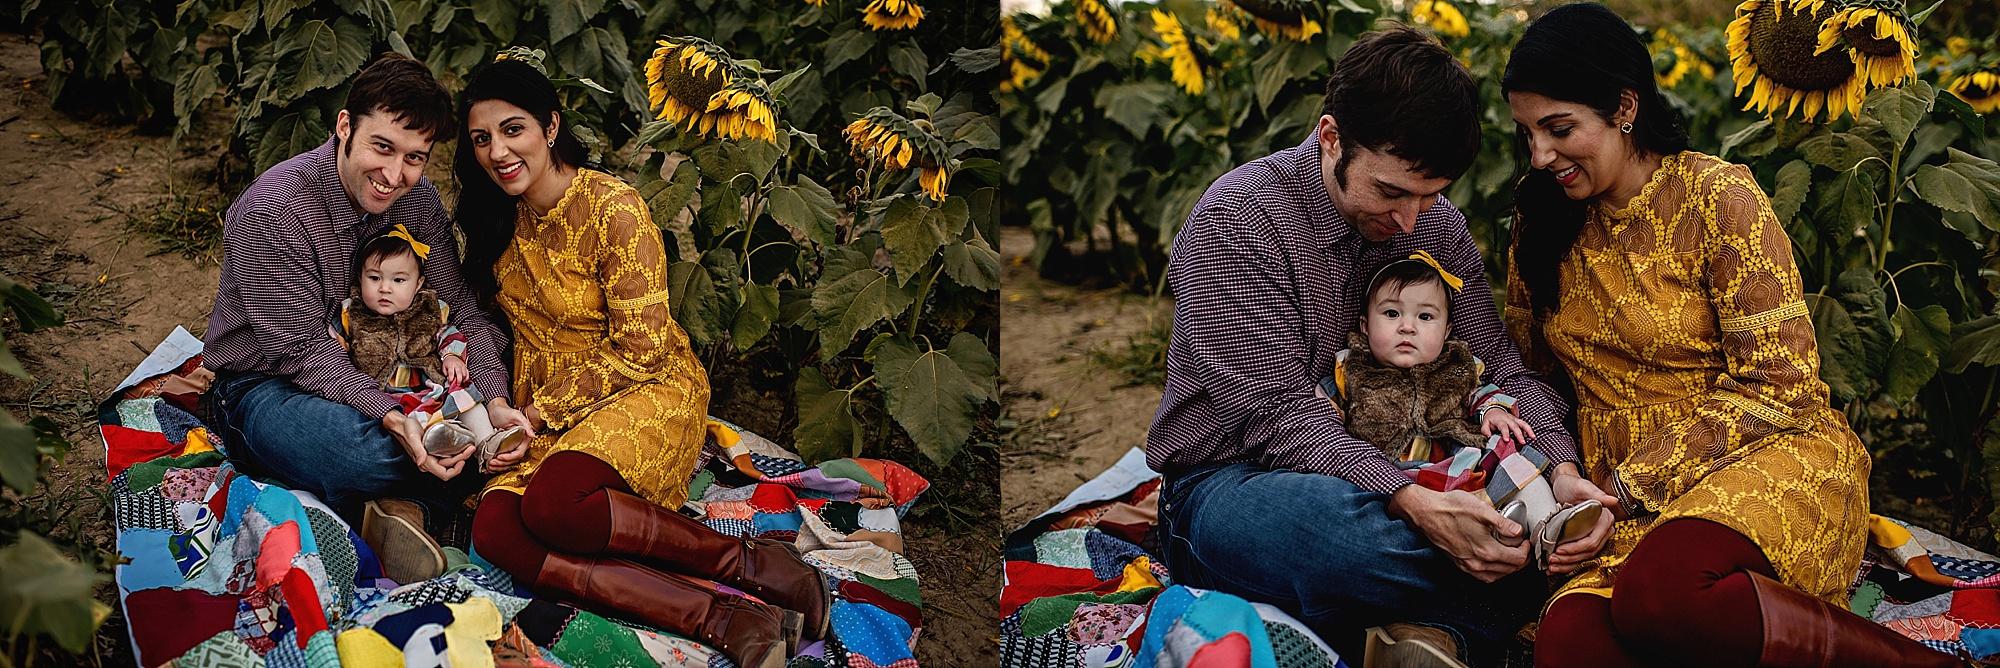 Turner-family-akron-ohio-photographer-lauren-grayson-sunflower-field-session_0003.jpg